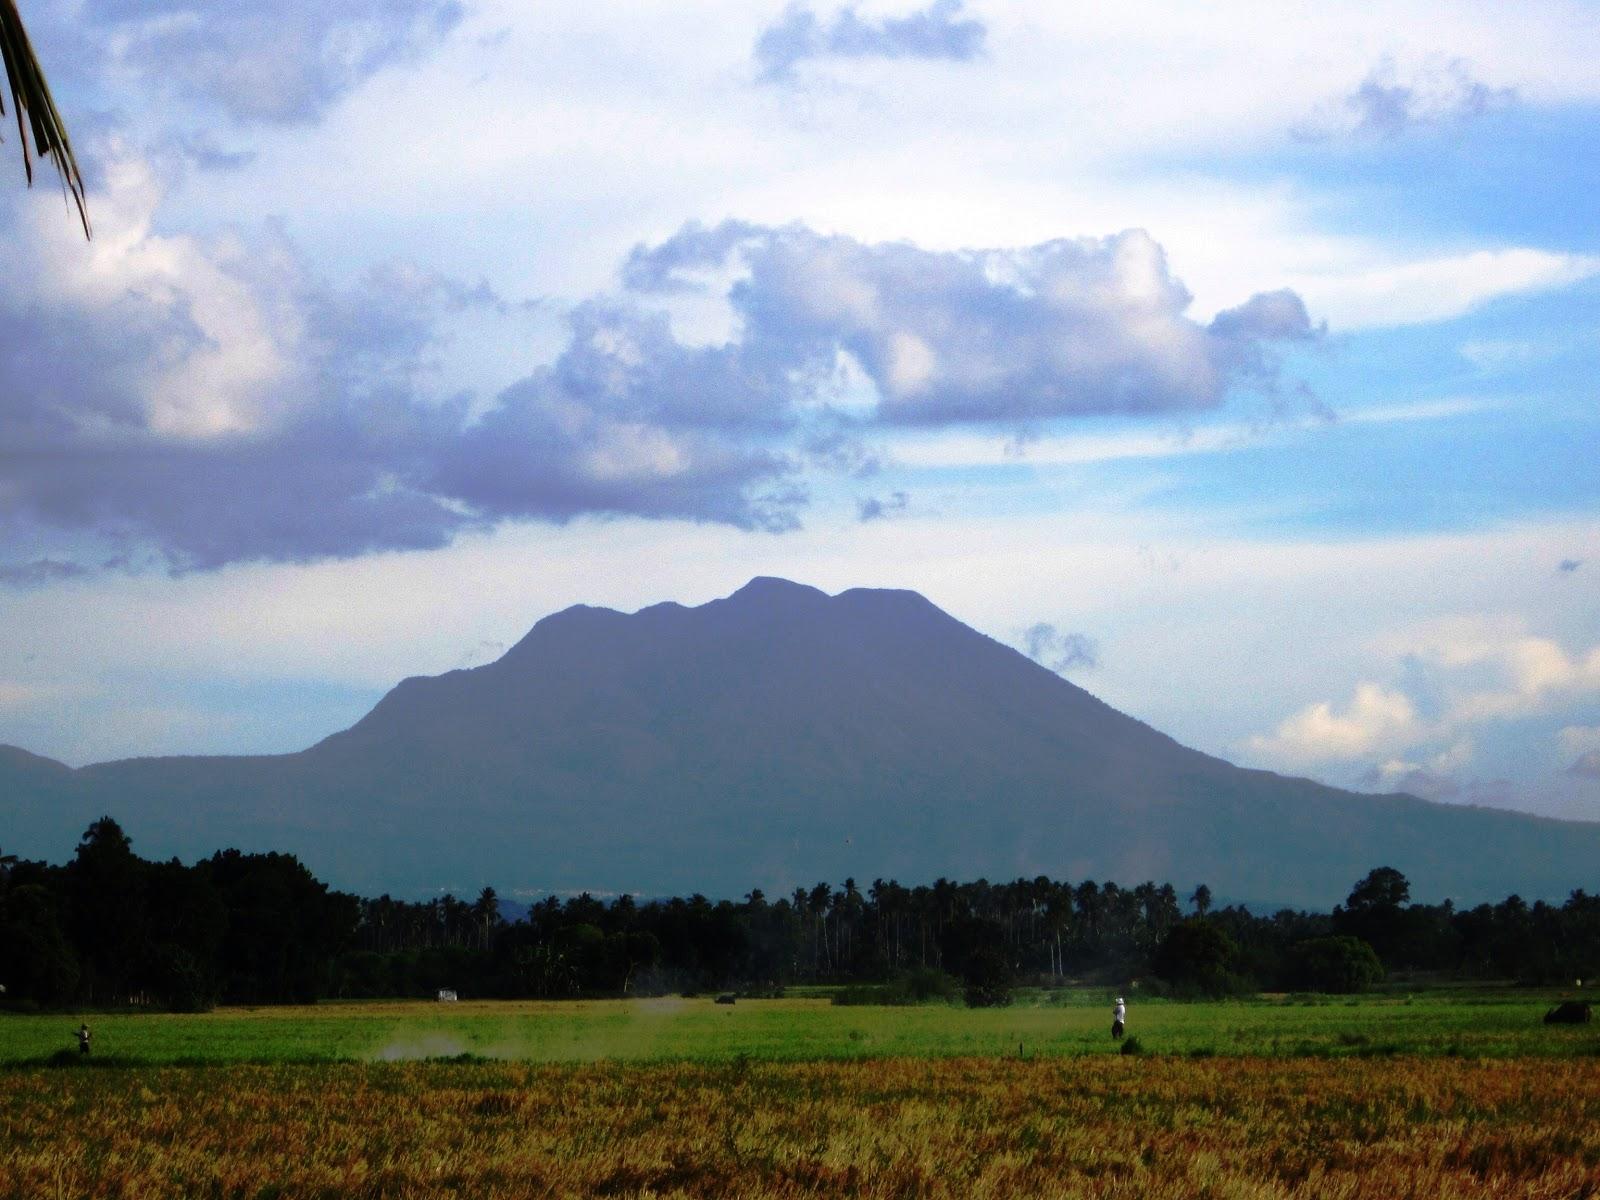 Dolores (Quezon) Philippines  City pictures : Mt. Cristobal Dolores Quezon, CLIMBING MT CRISTOBAL, CRISTOBAL THE ...